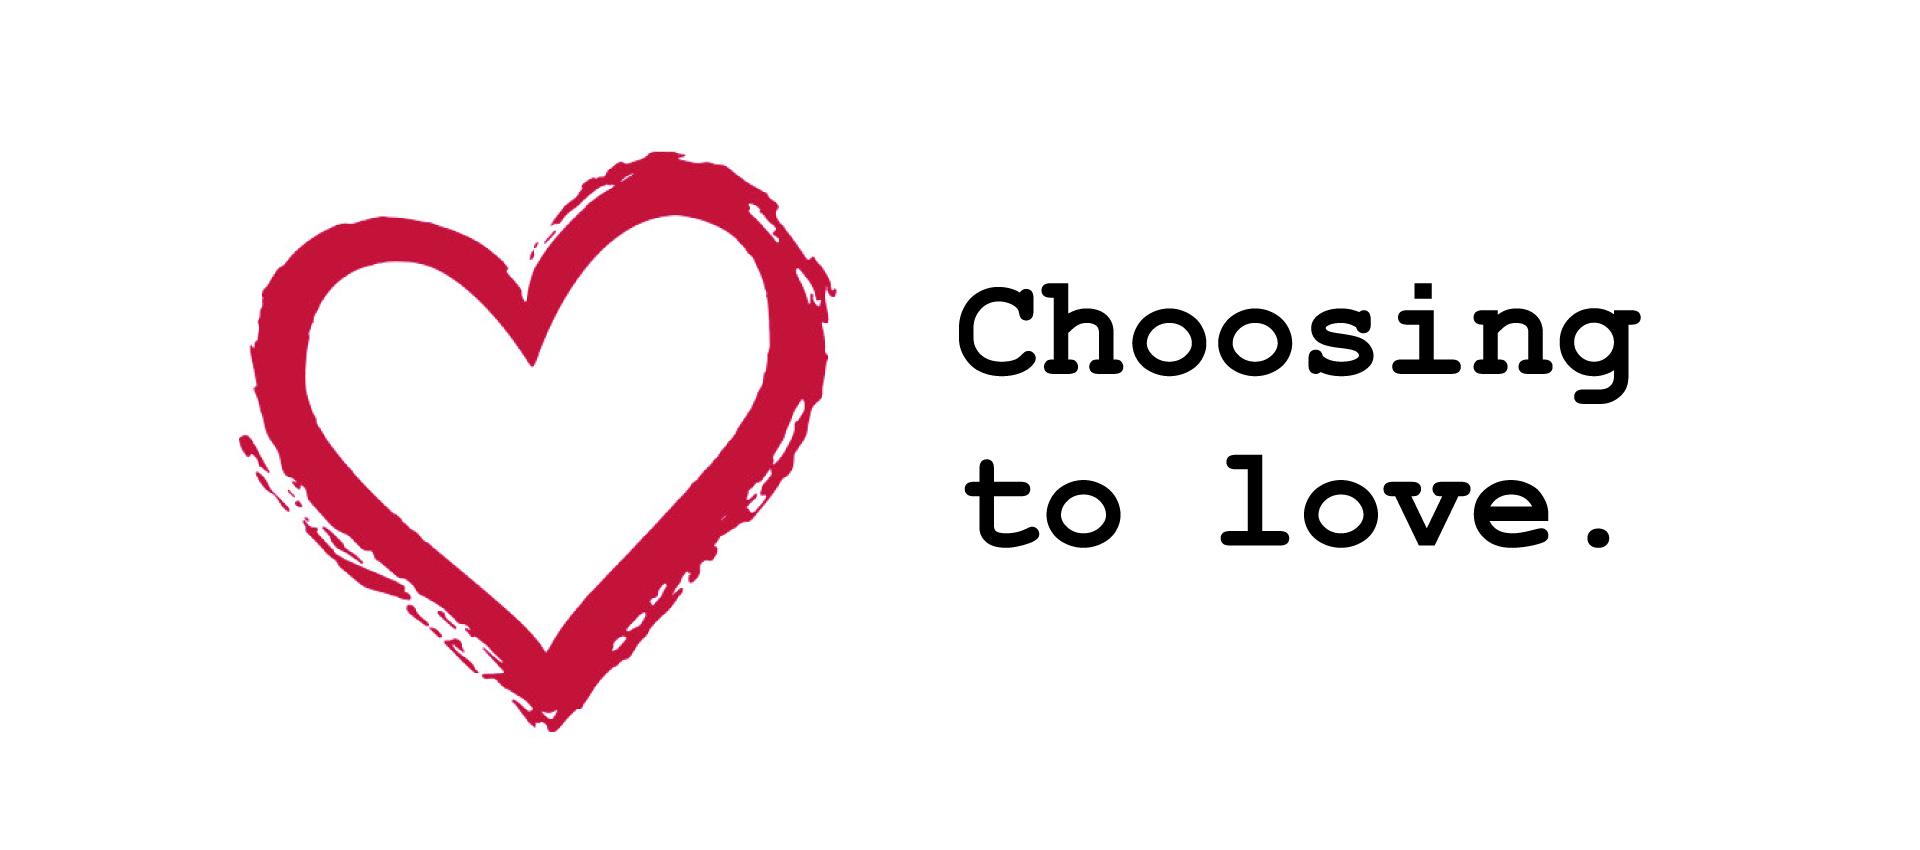 Choosing to love isn't always easy.